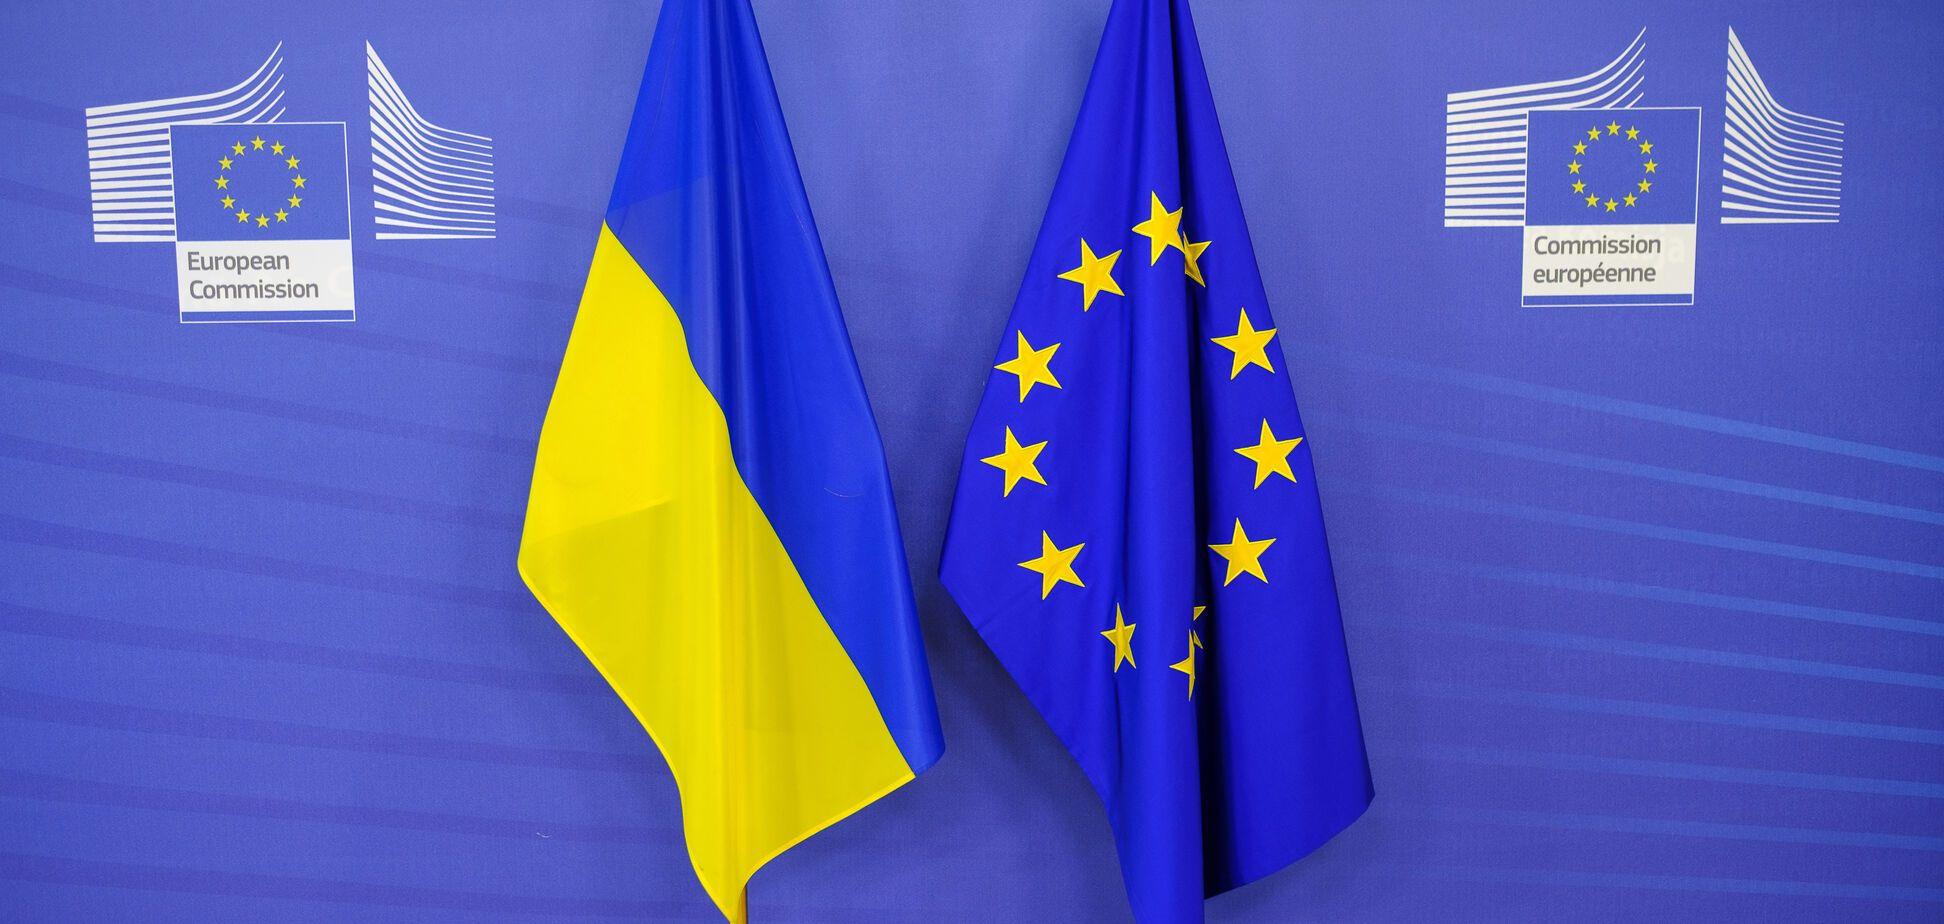 ЕС – главный партнер: Украина резко увеличила экспорт товаров